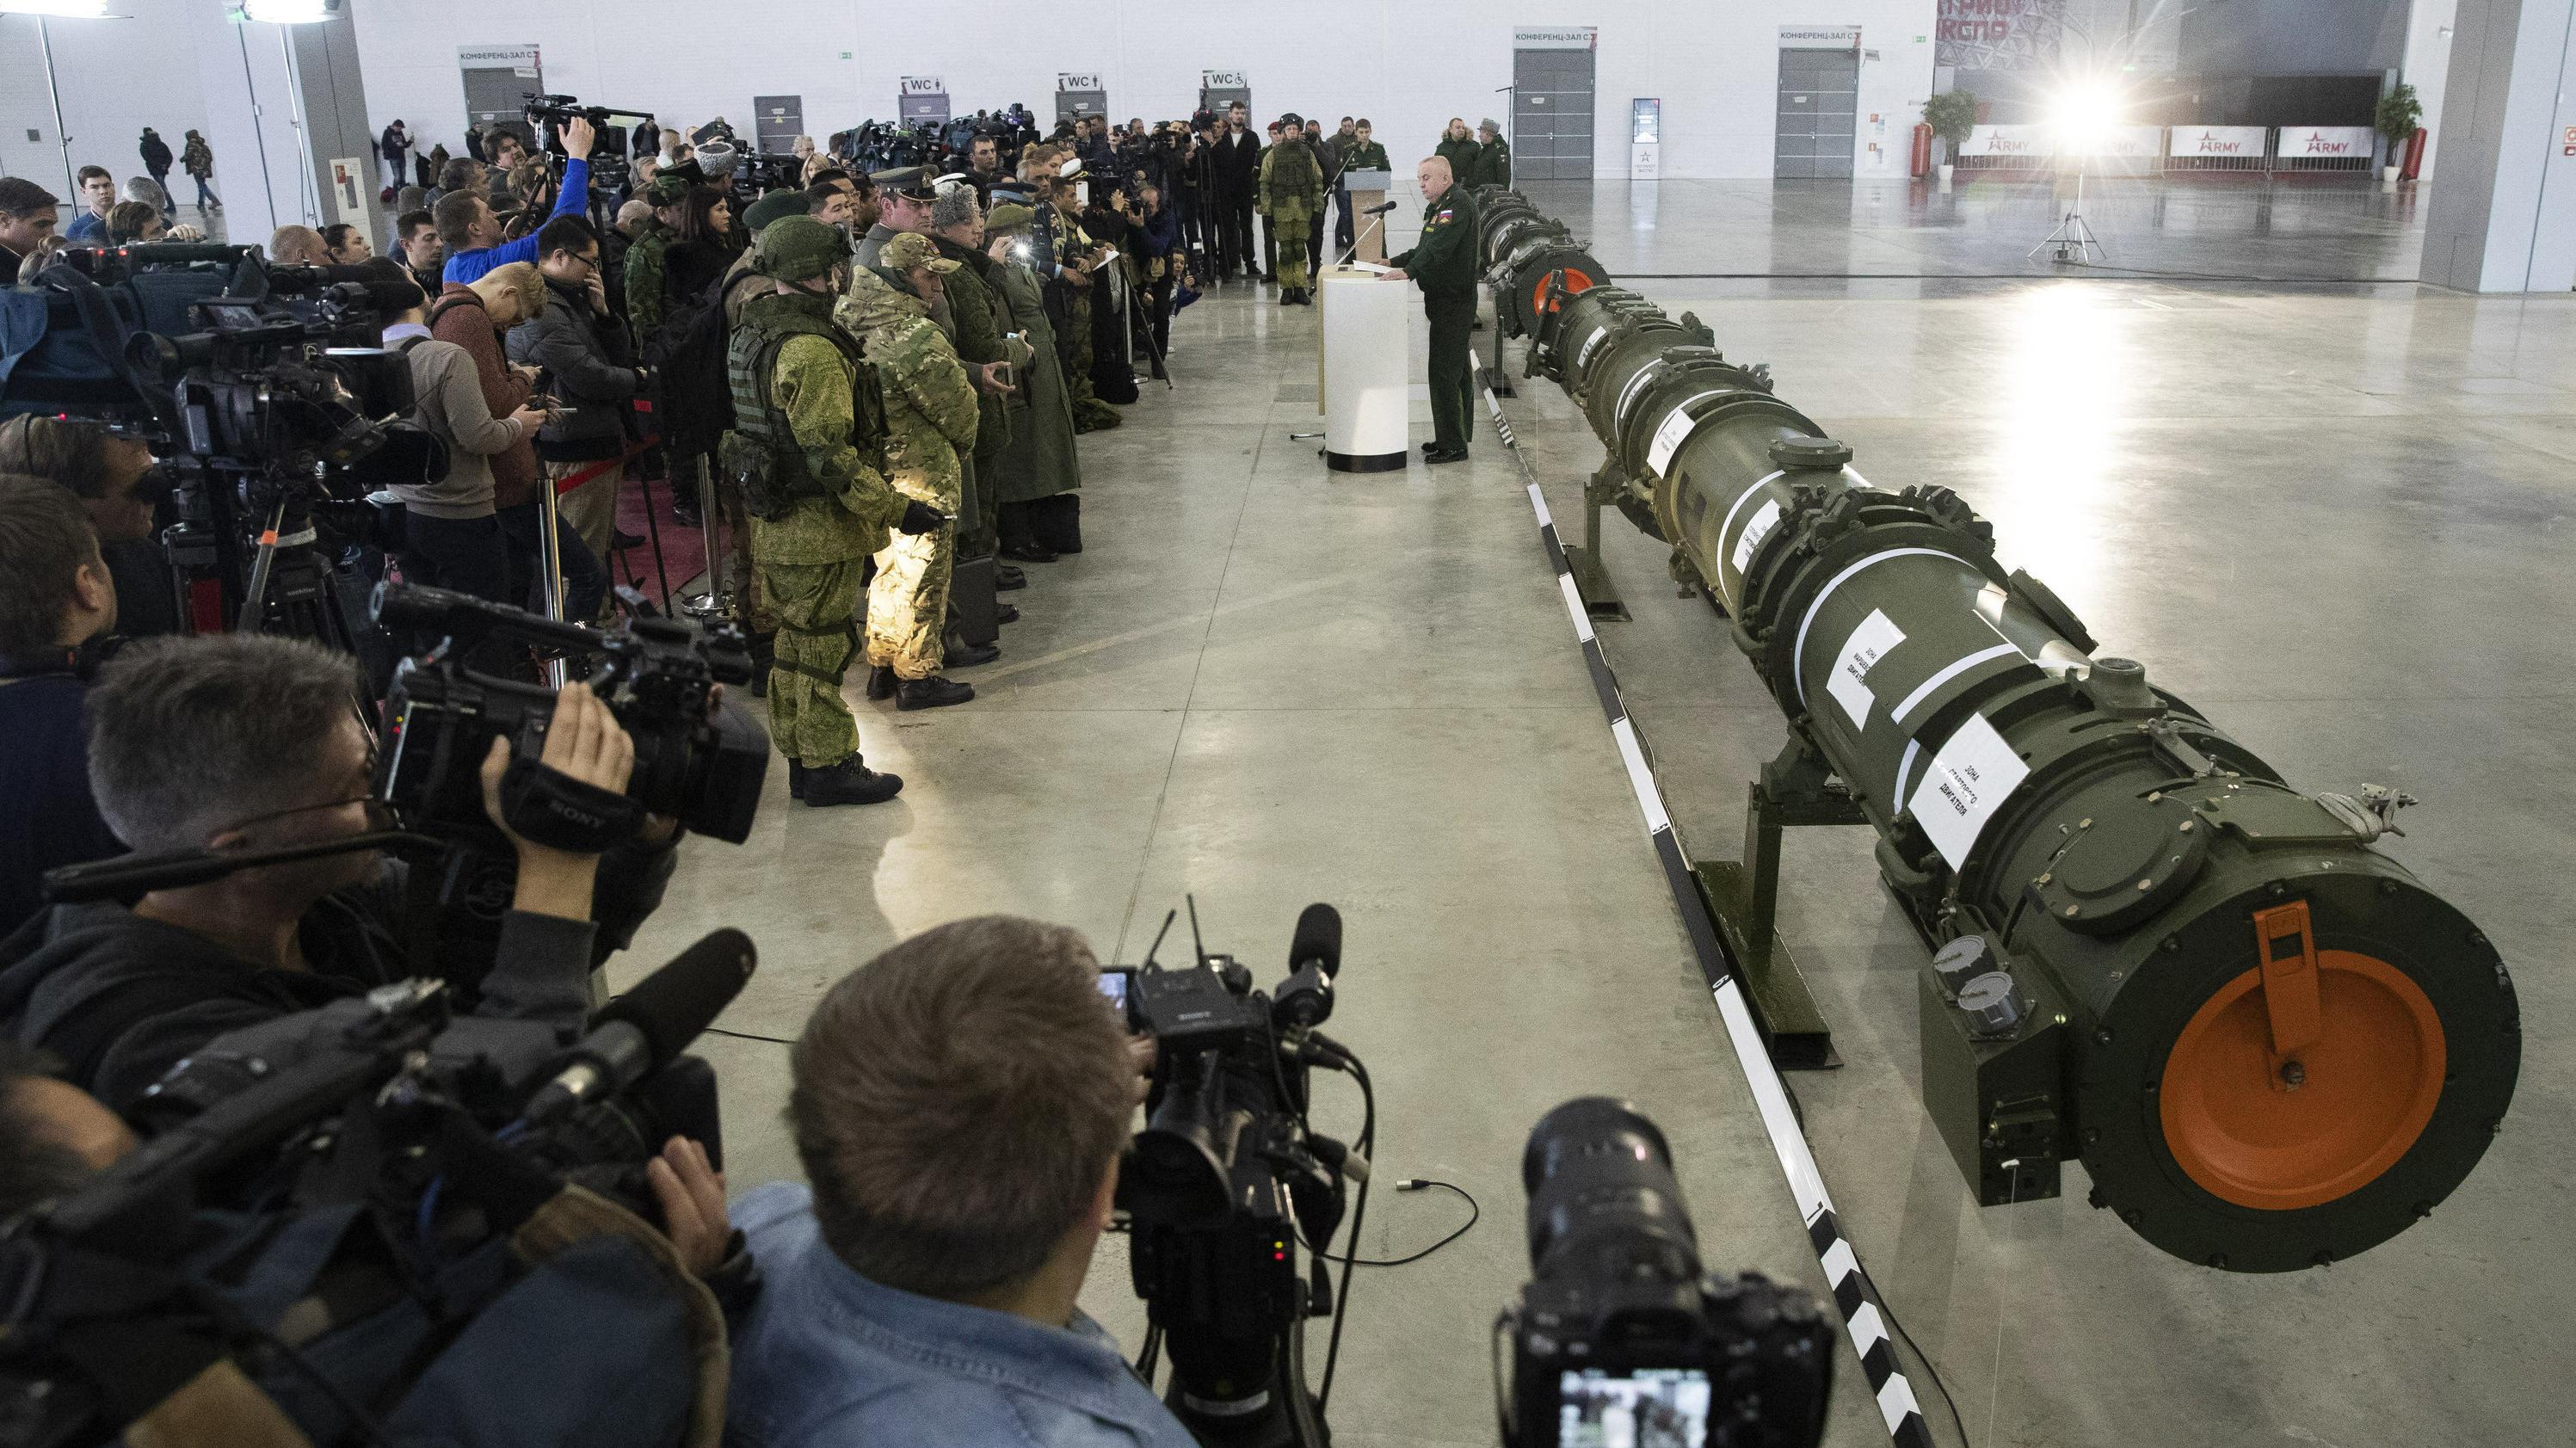 Journalisten mit Kameras und Soldaten in Uniformen stehen vor langen Behältern, die die neue Rakete enthalten